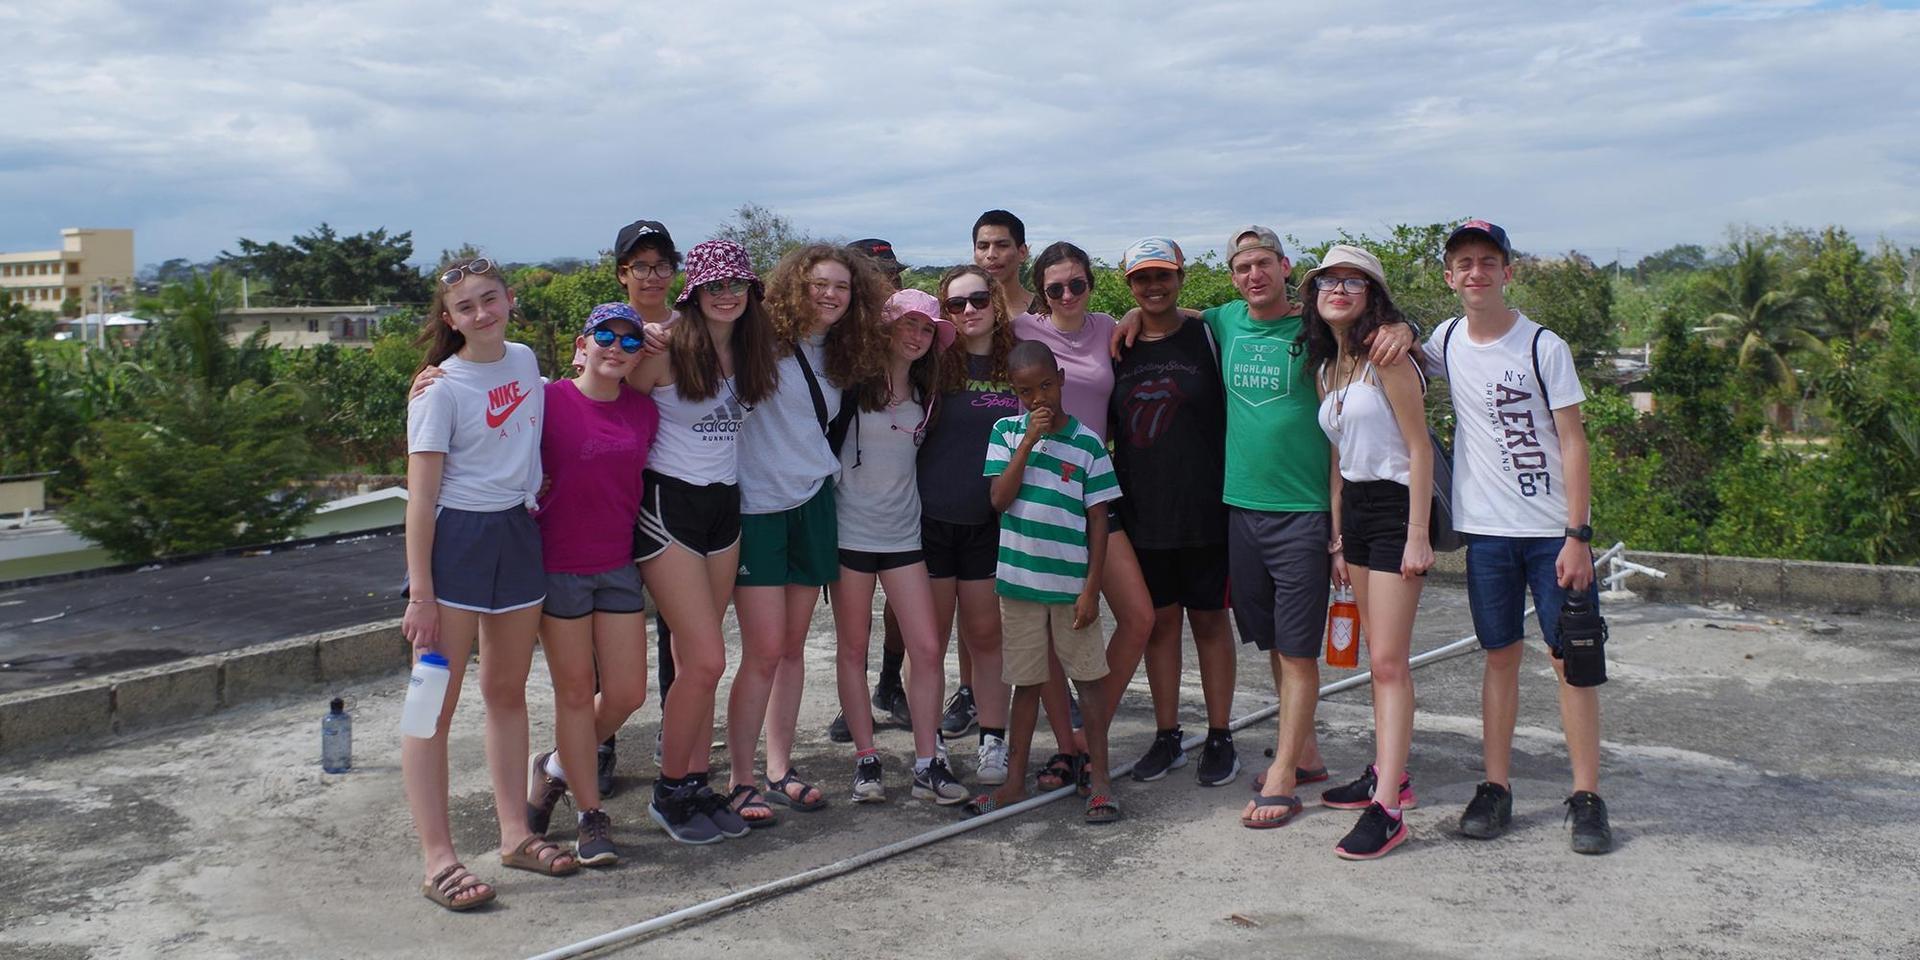 多米尼加共和国野外训练场的合影.